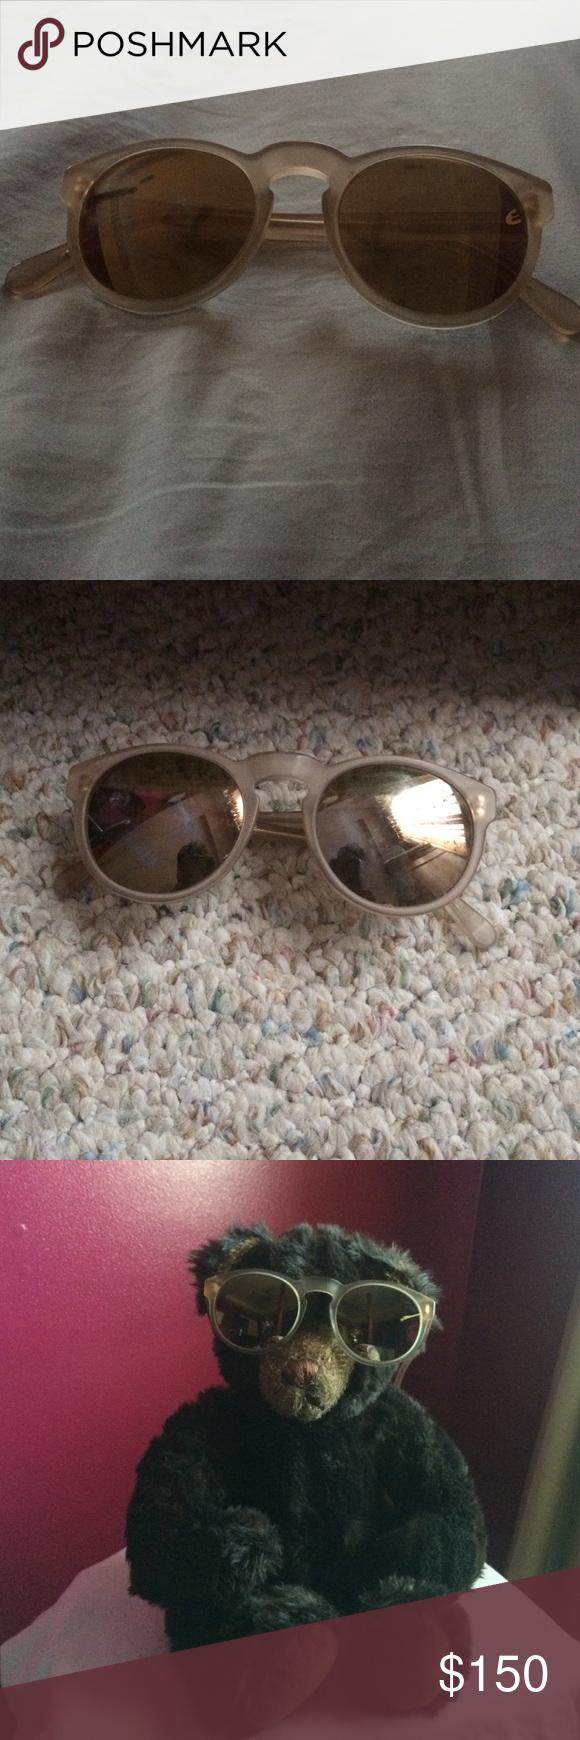 8970cecafcef By Retro Super Future Sunglasses Size (MM) lens size 47 Bridge 24 Arms  length 145 Original Retro Super Future sunglasses Panama Oracle.